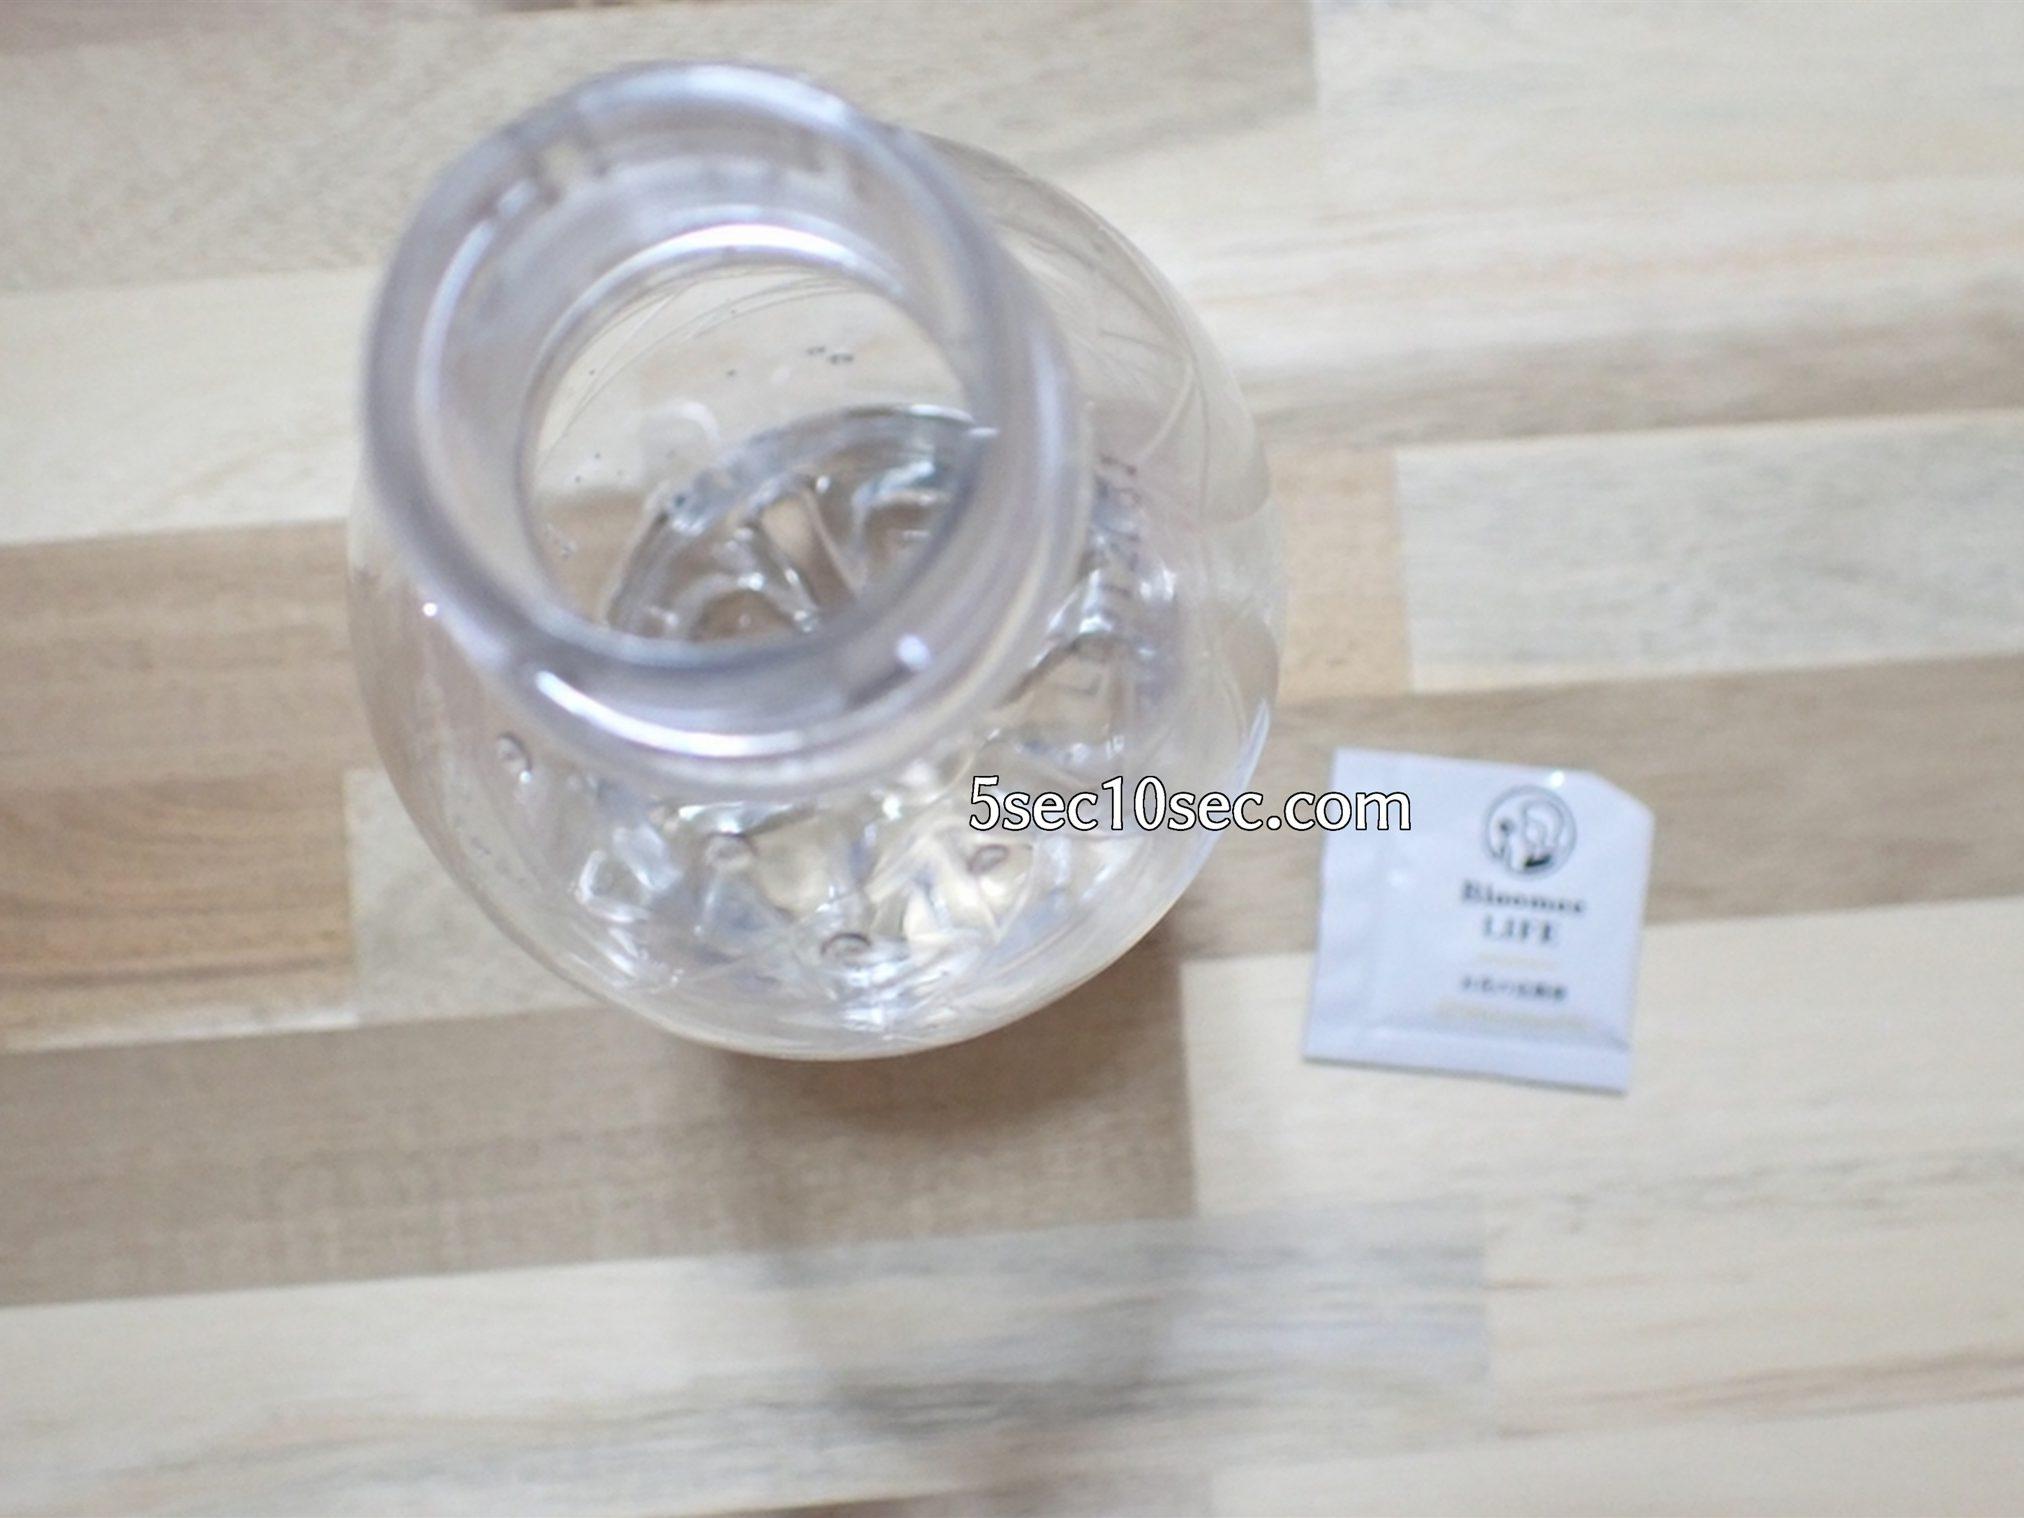 株式会社Crunch Style お花の定期便 Bloomee LIFE ブルーミーライフ 800円のレギュラープラン オリジナルのお花の栄養剤はペットボトルに作っておくと数回使えます